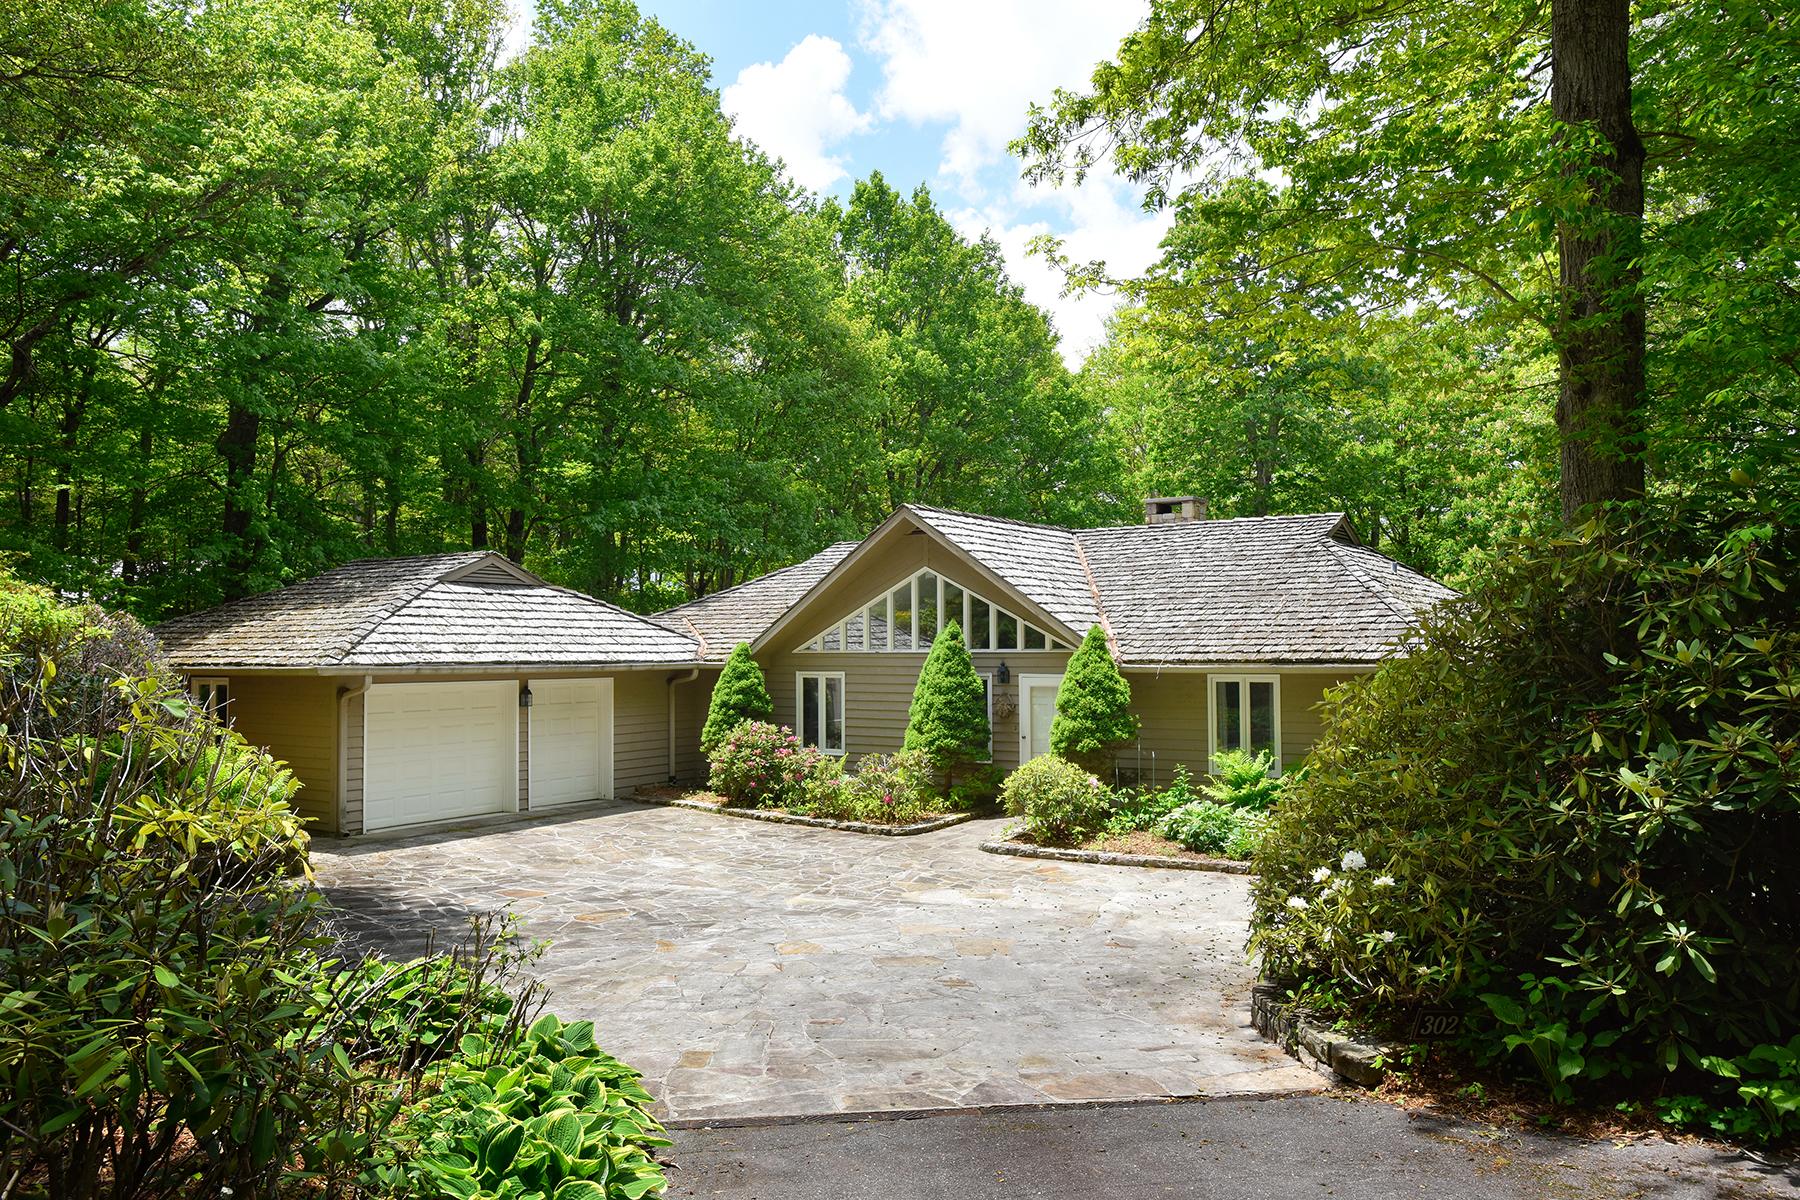 Nhà ở một gia đình vì Bán tại LINVILLE - LINVILLE RIDGE 302 Dam Trail 3 Linville, Bắc Carolina, 28646 Hoa Kỳ